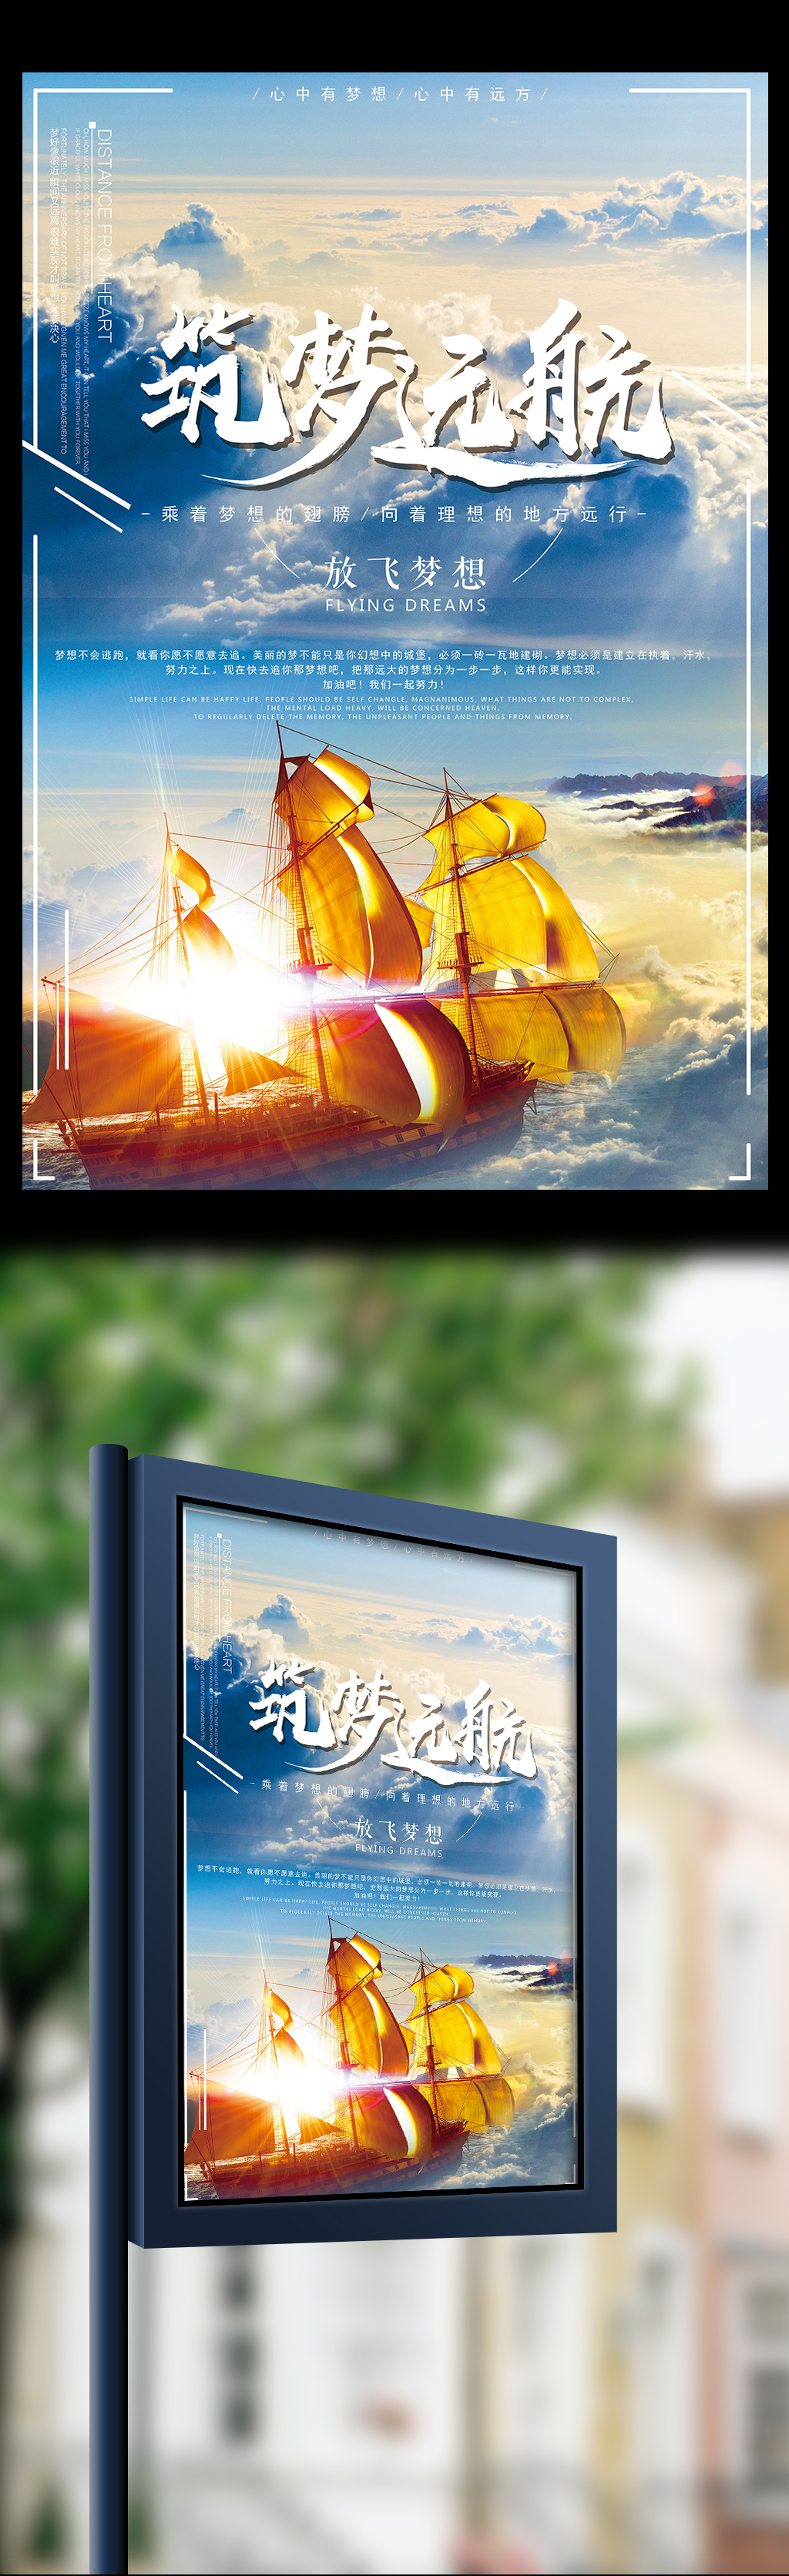 皇冠现金网首页_中国网皇冠现金网_官方网站